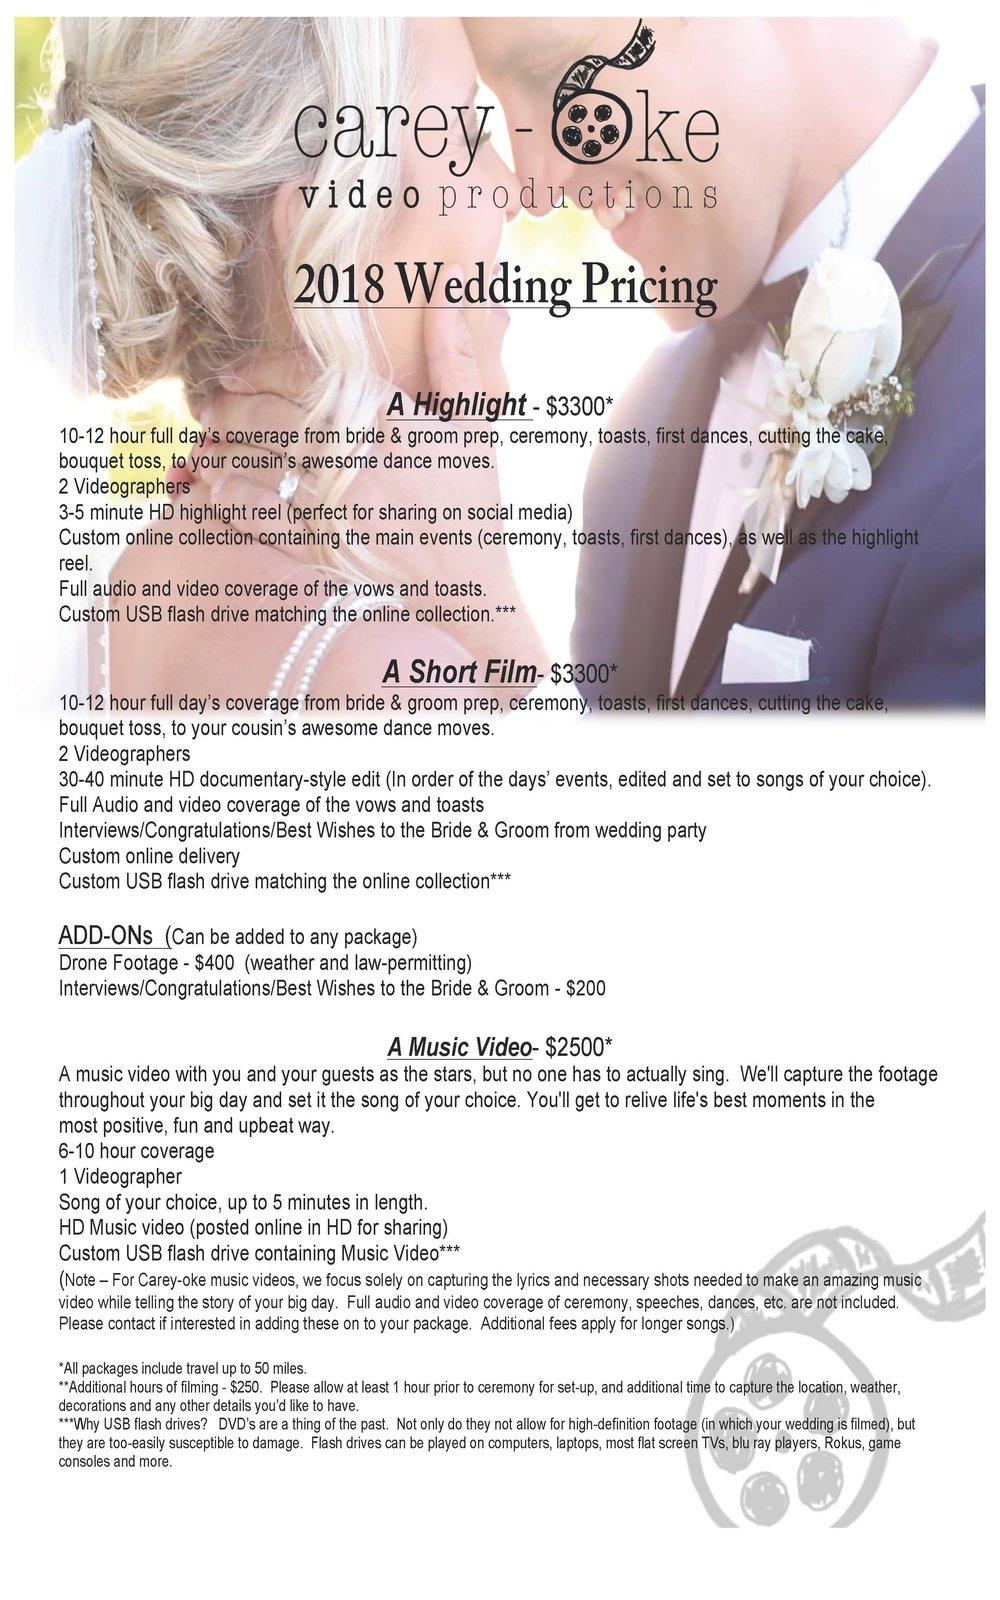 Carey-oke Video Productions 2018 Wedding Packages.jpg